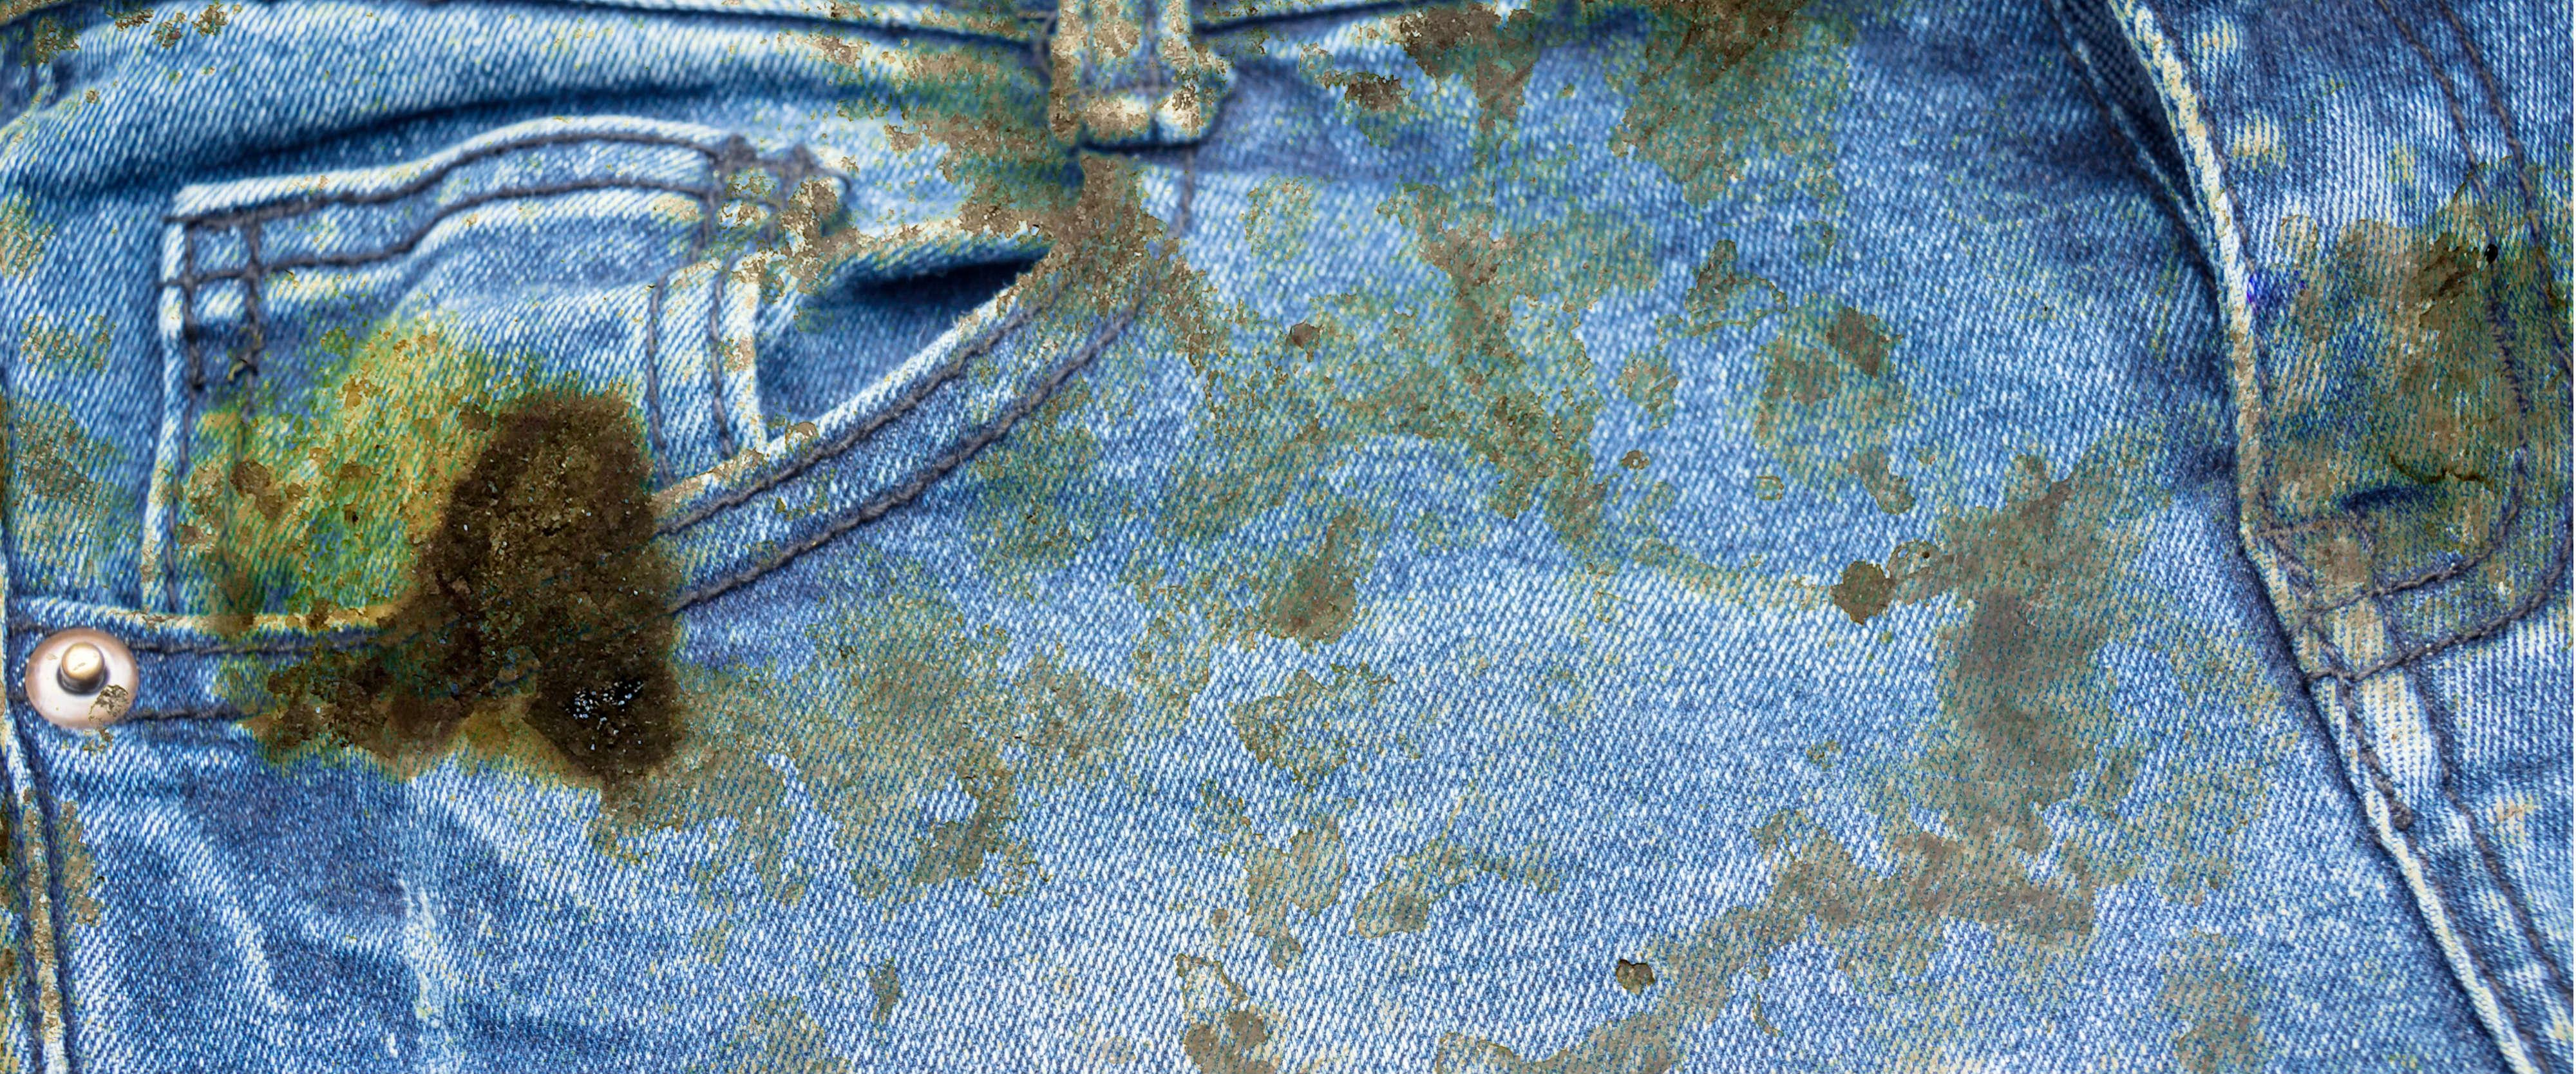 Textilien sperma auf Spermaflecken entfernen